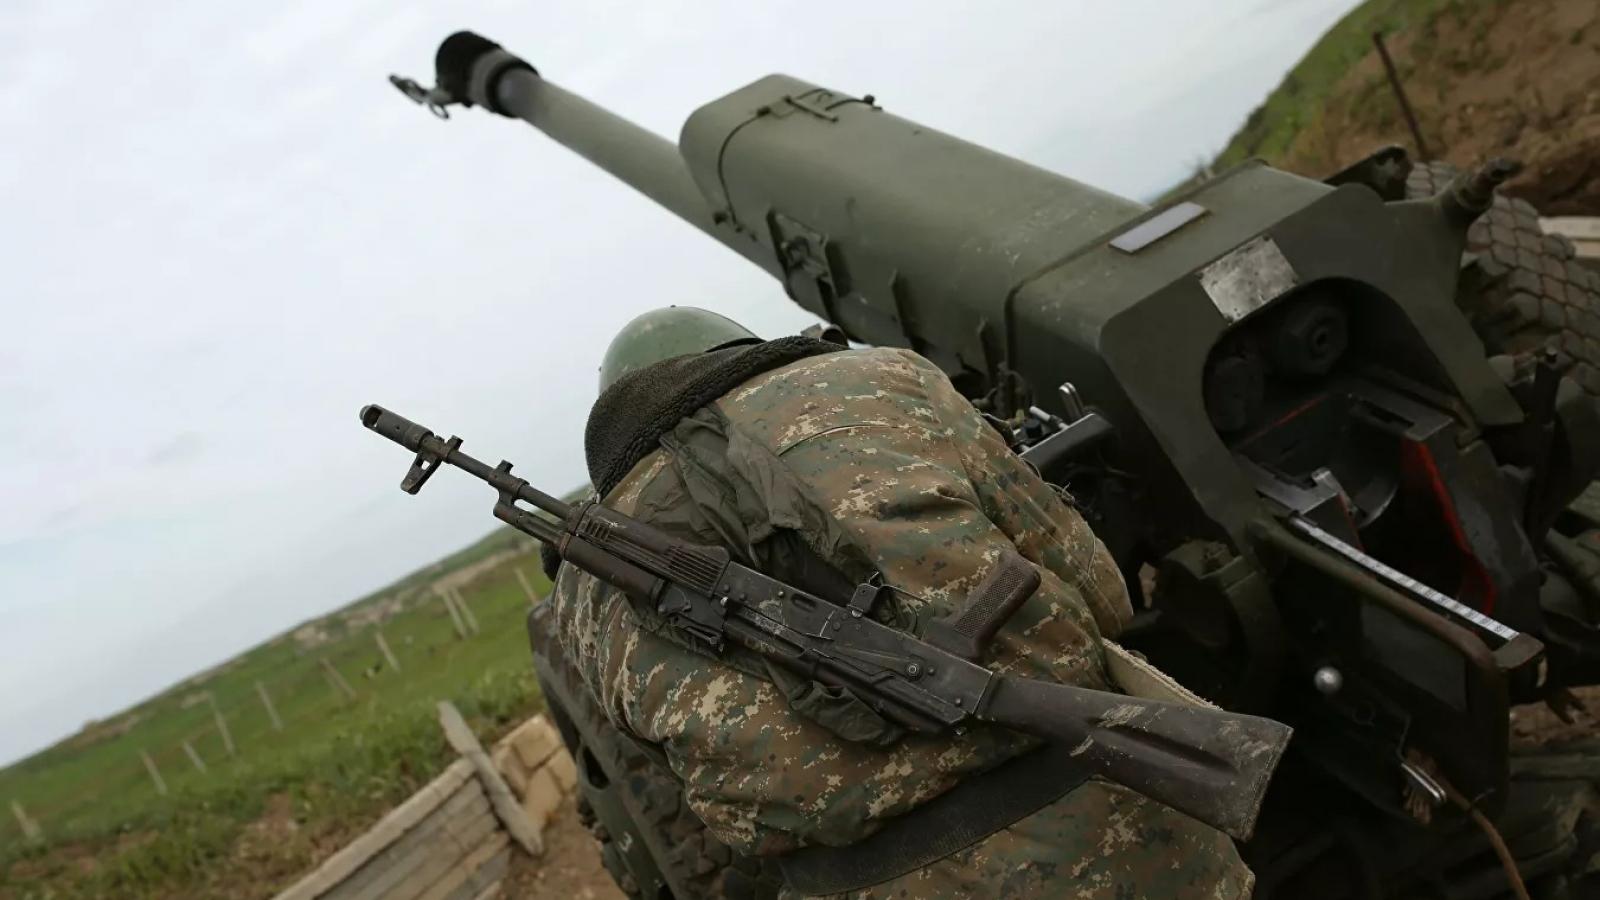 Lệnh ngừng bắn nhân đạo lần thứ 3 có giúp dập tắt ngọn lửa xung đột ở Nagorno-Karabakh?